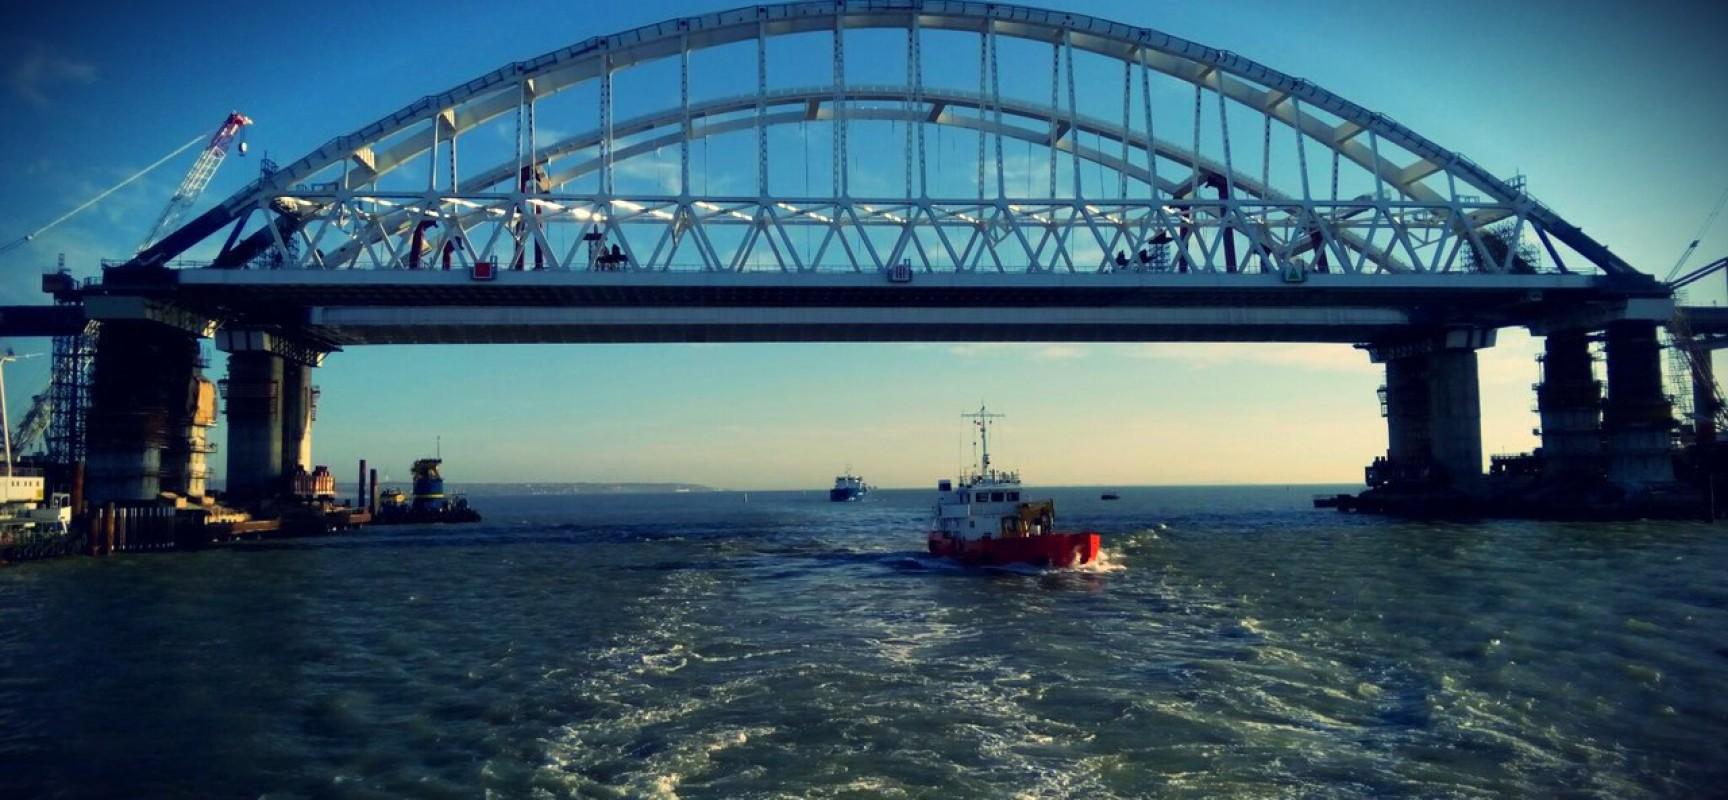 Завершена сборка пролетов автодорожной части моста между островом Тузла и фарватером